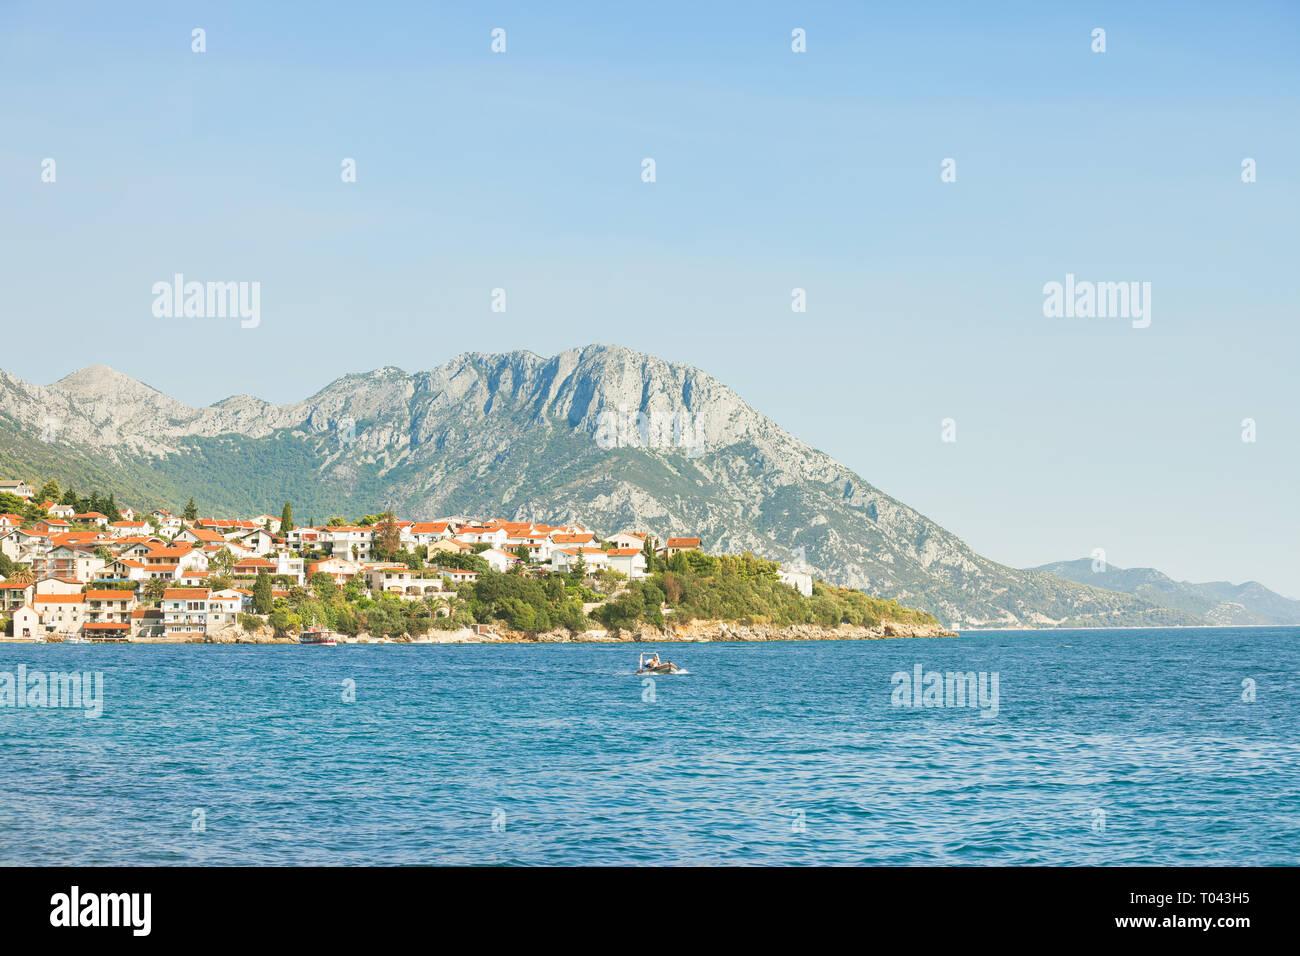 Kapec, Dalmatien, Kroatien, Europa - Aussichtspunkt Aussichtspunkt auf der schönen Küste von kapec Stockfoto